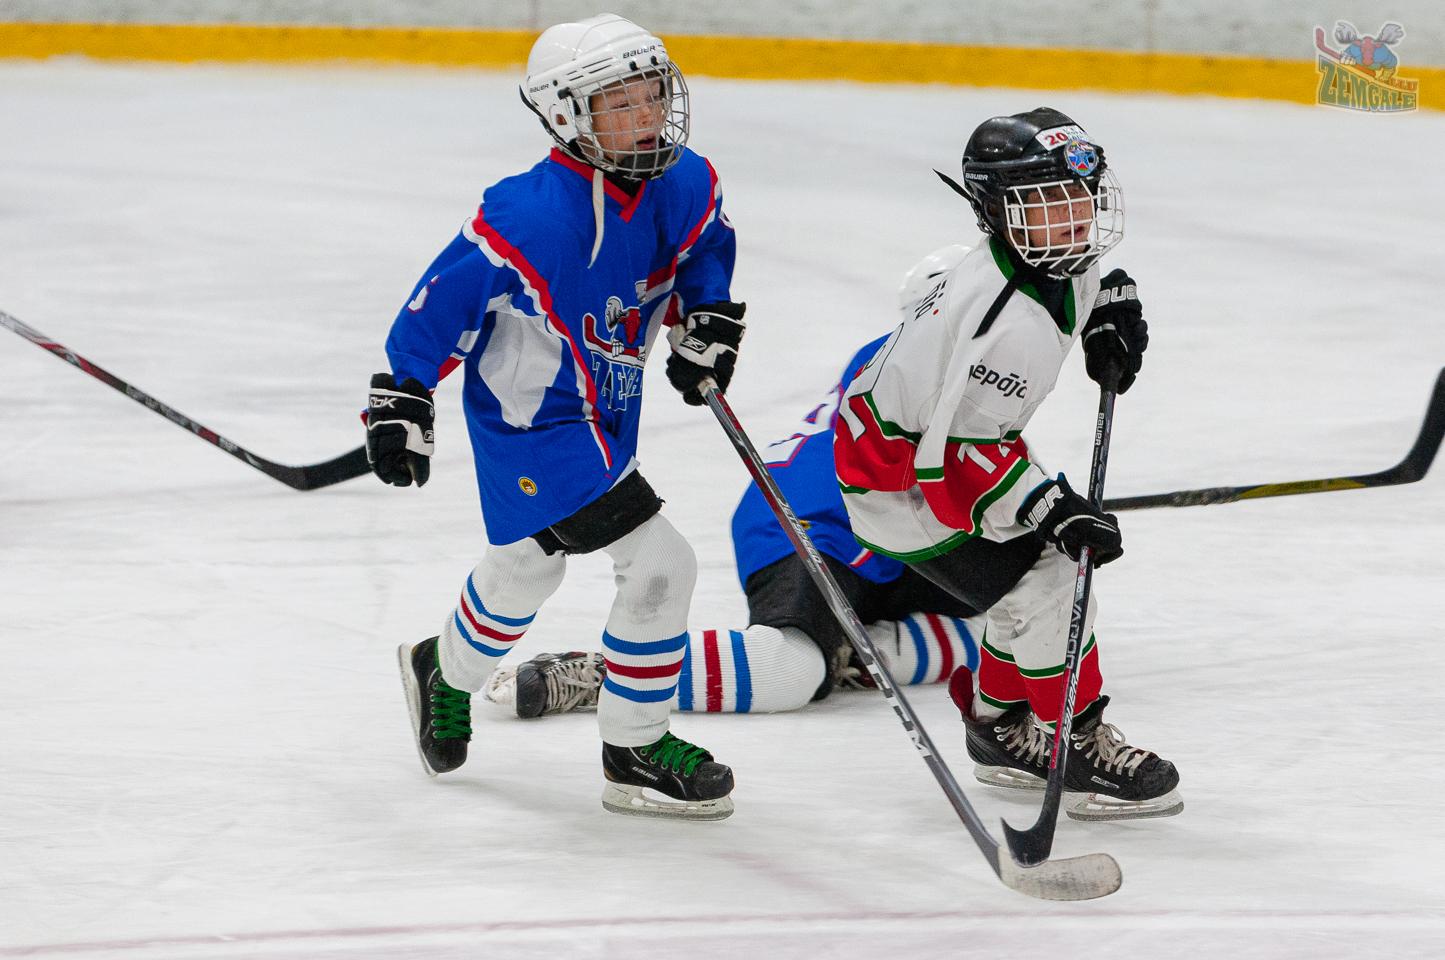 Jelgavas hokeja skola JLSS U11 B - Liepāja SSS LBJČH 22092019-18